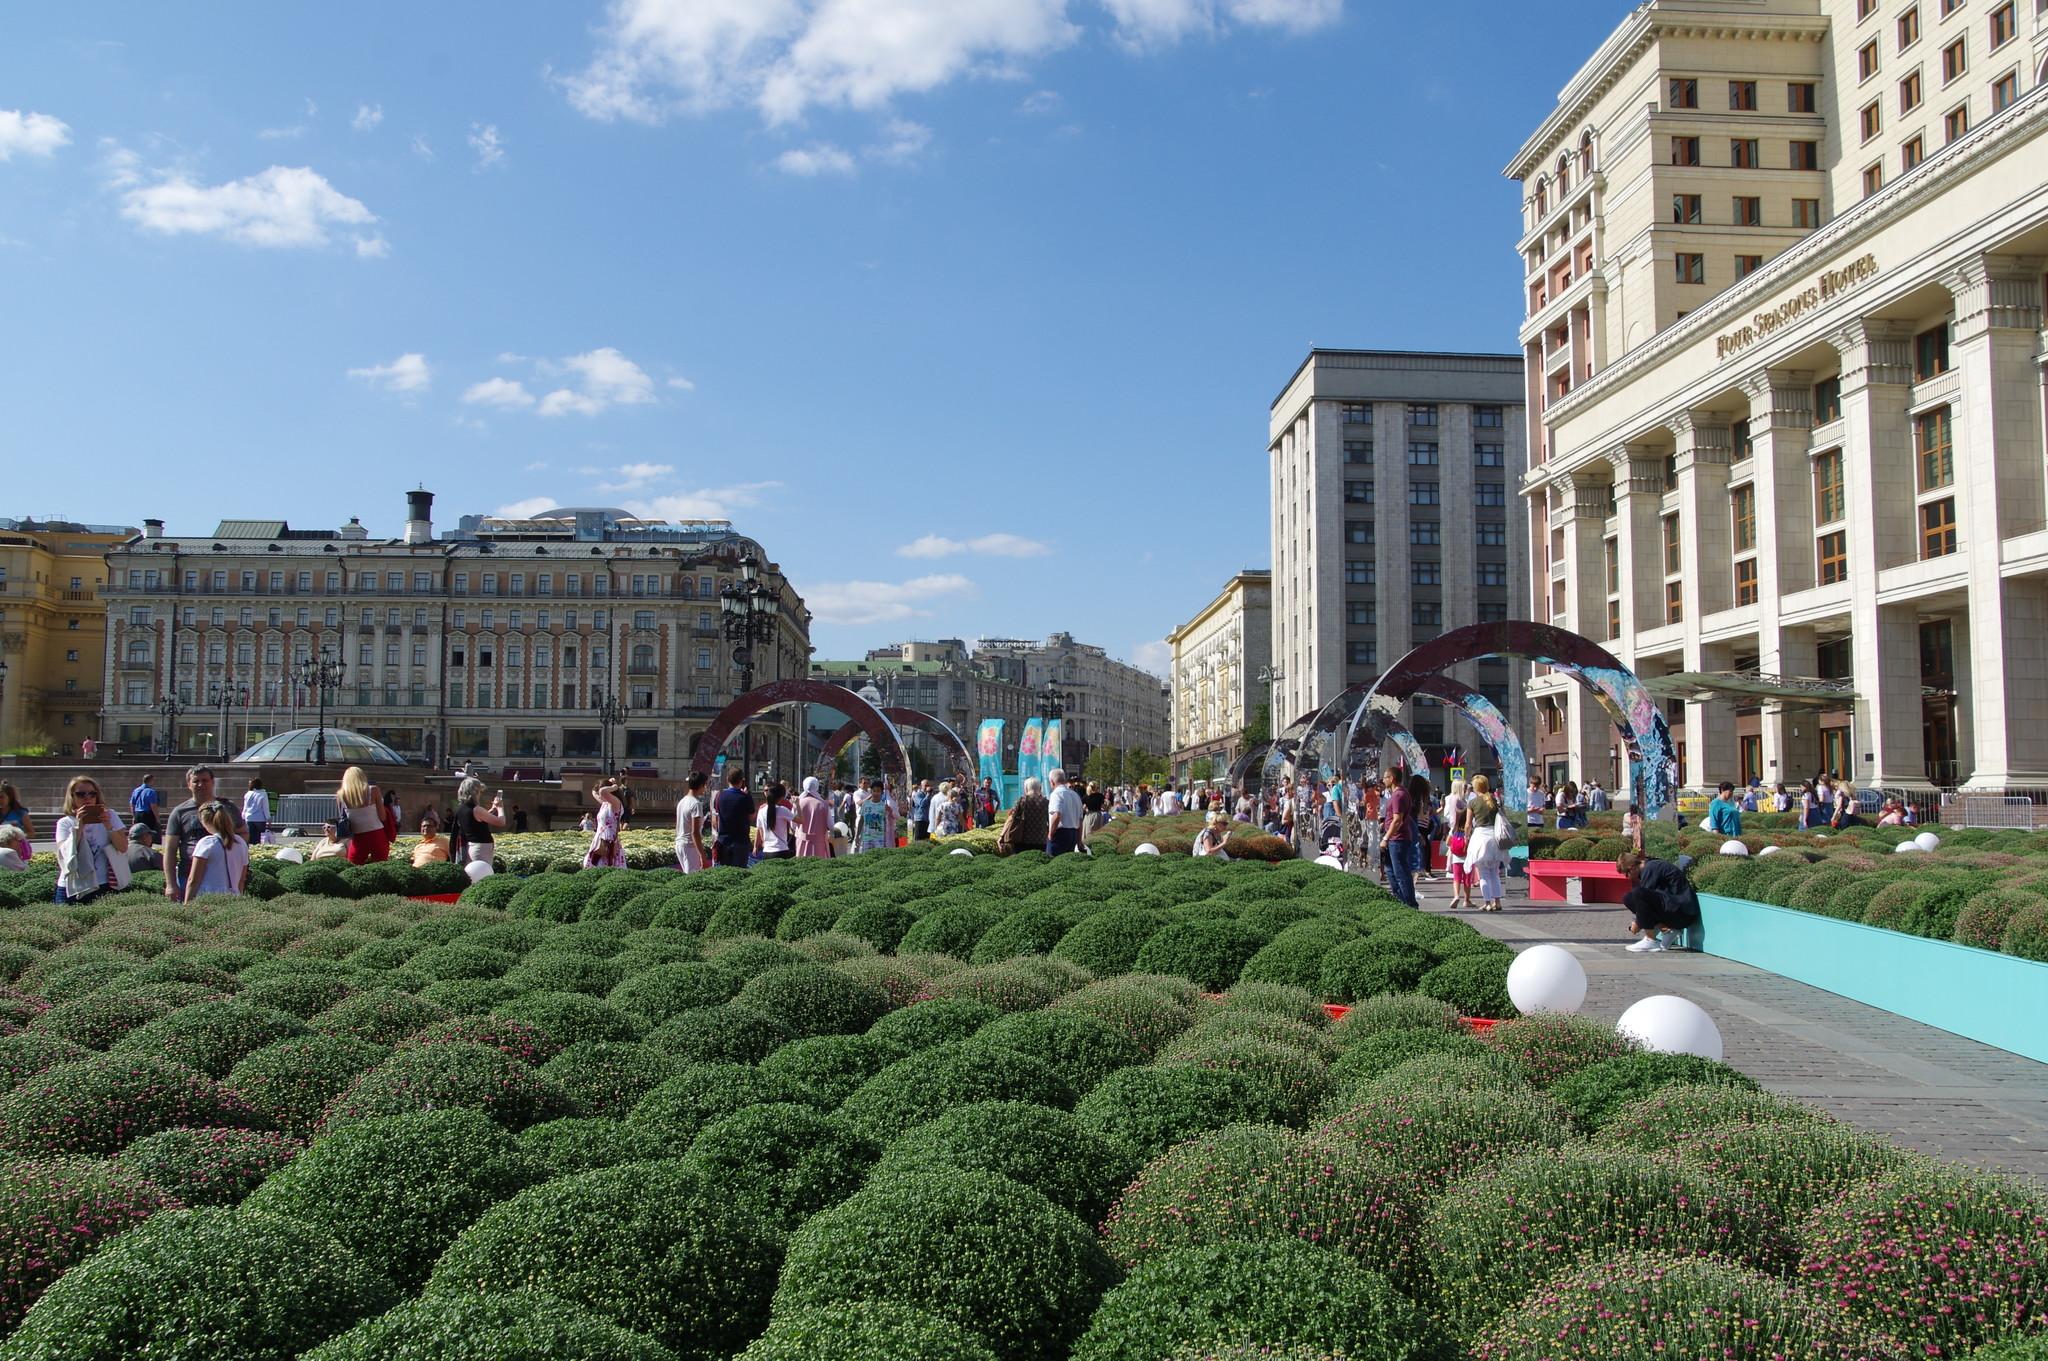 Сад в виде карты ВДНХ на Манежной площади в рамках фестиваля «Цветочный джем»